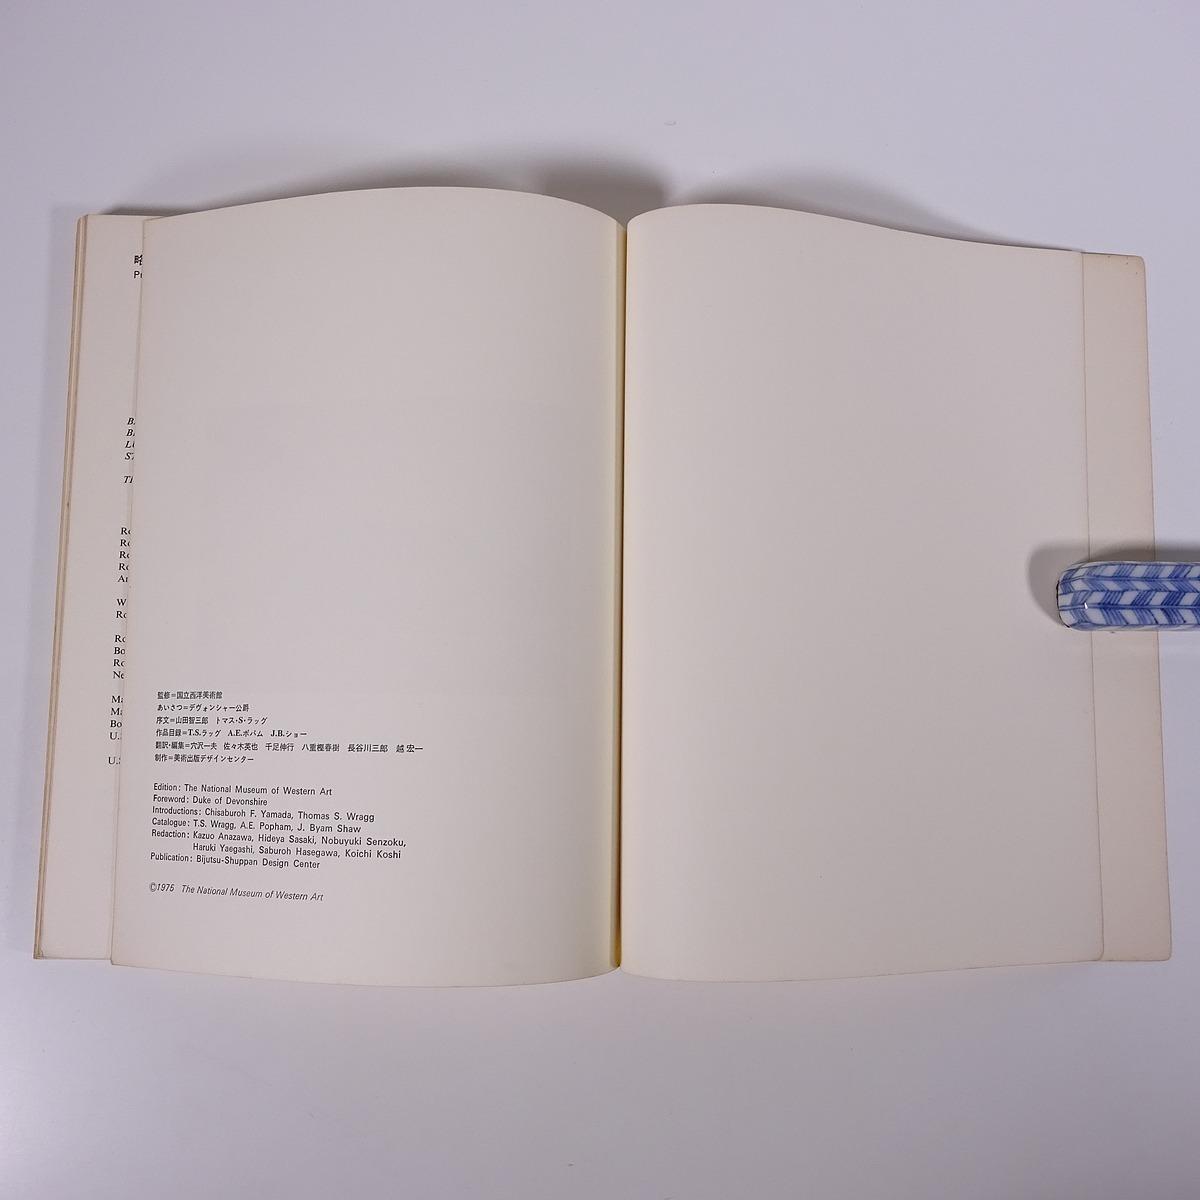 デヴォンシャー公爵所蔵 ヨーロッパ素描名作展 国立西洋美術館 1975 大型本 展覧会 図版 図録 目録 芸術 美術 絵画 画集 作品集 洋画_画像10